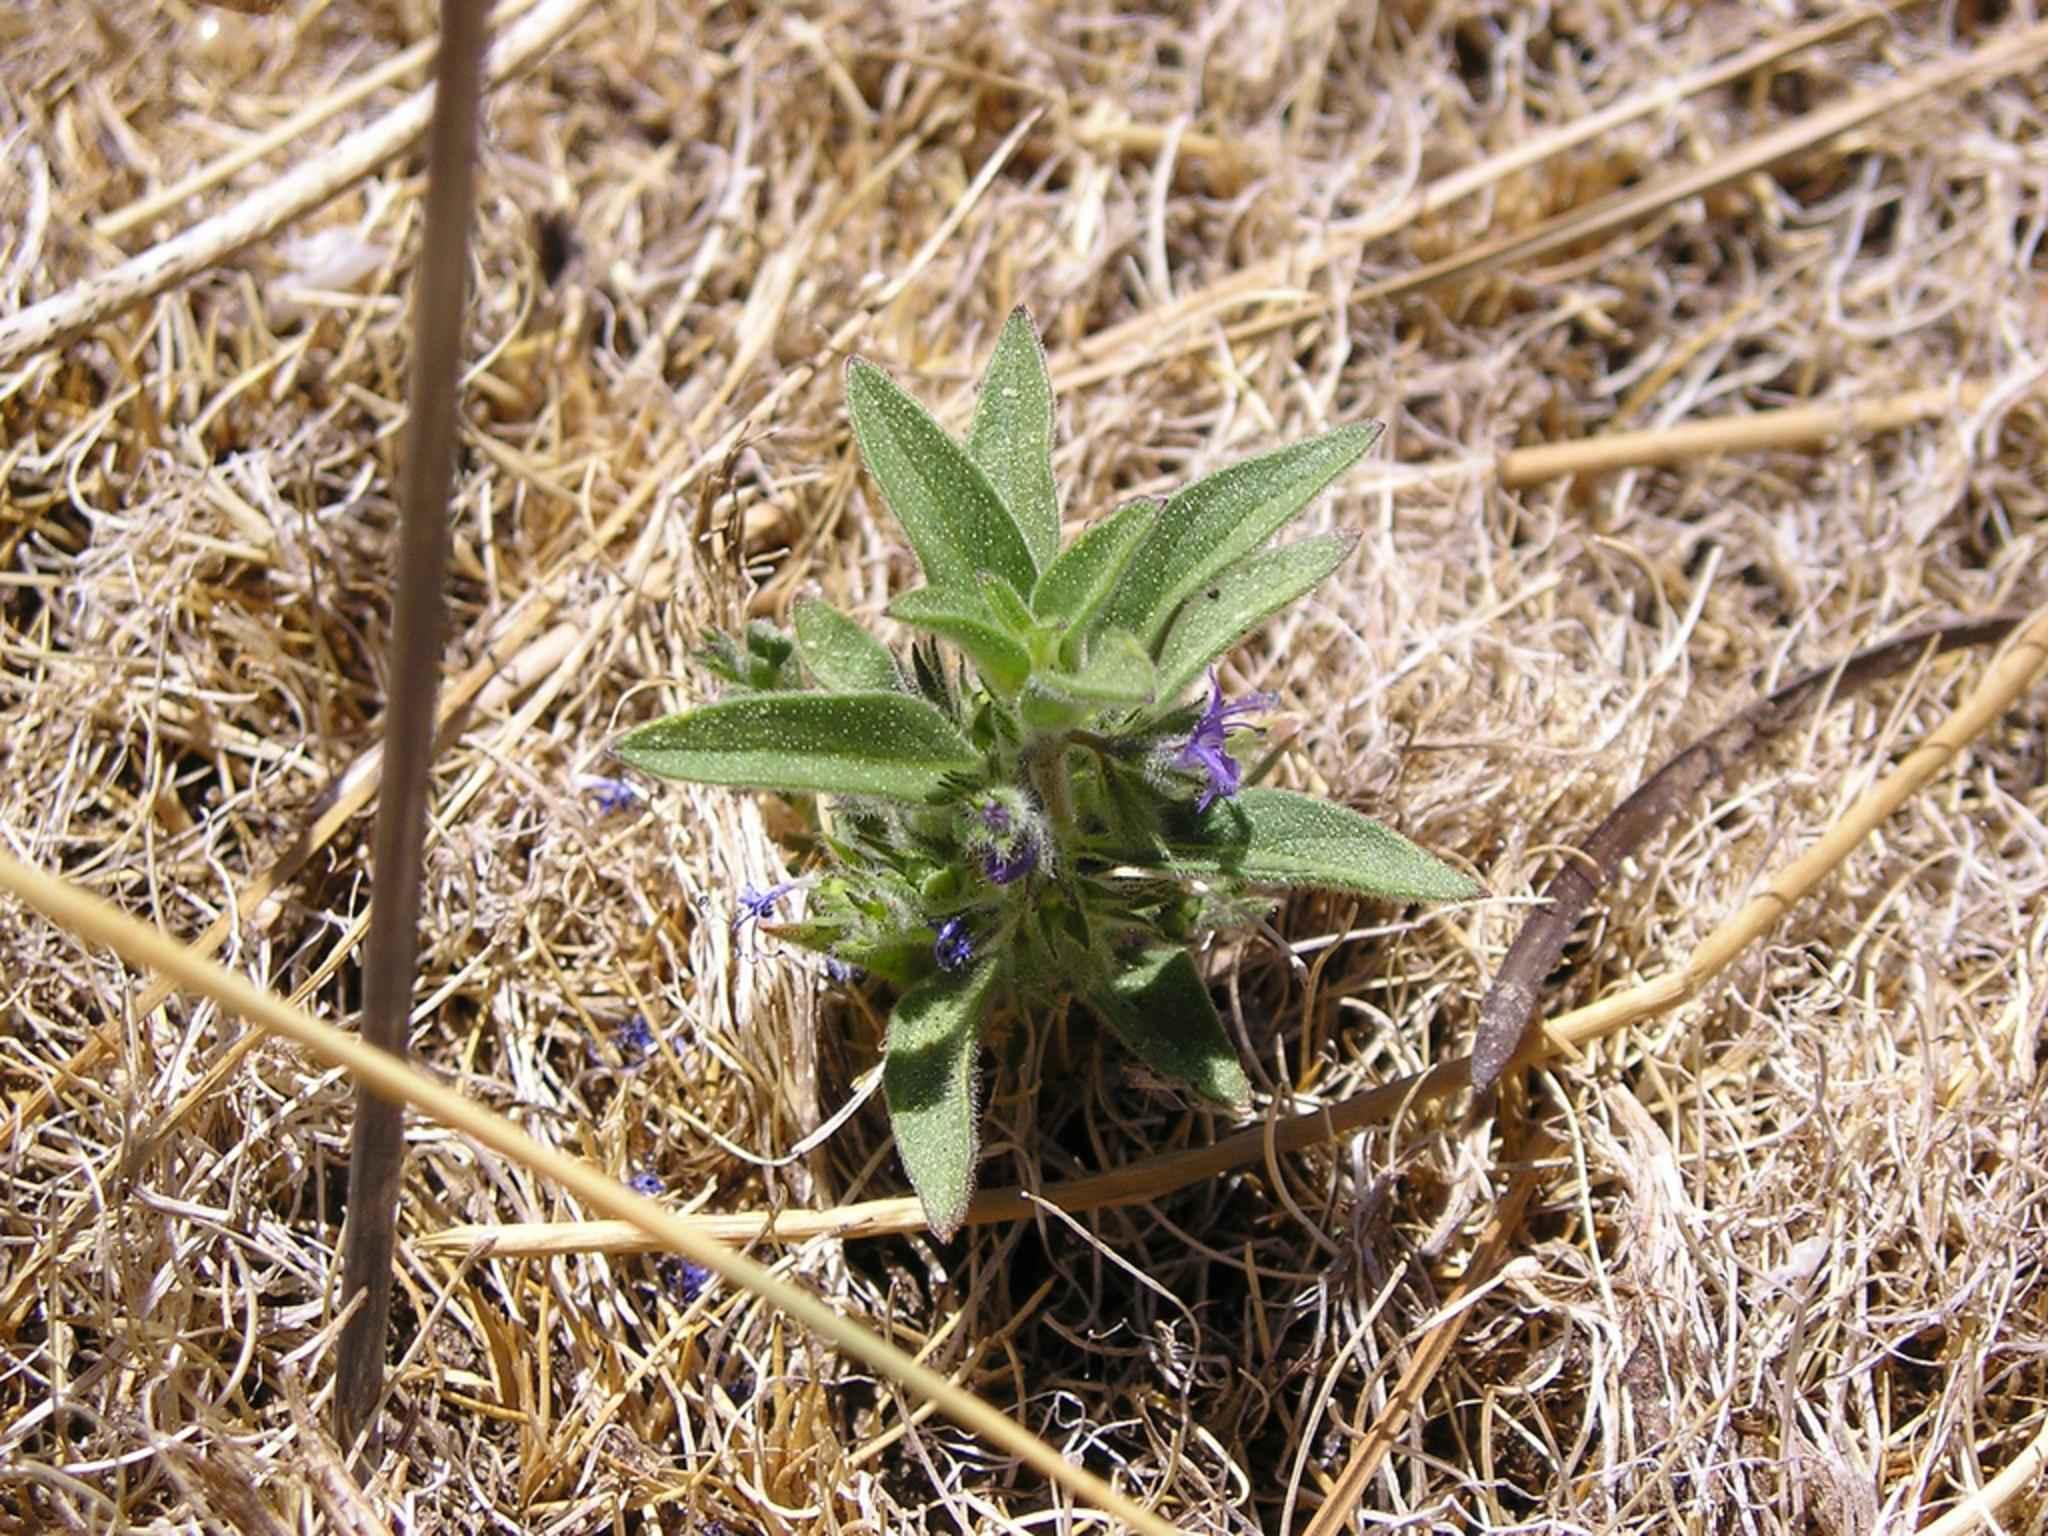 Image Libre Lac Bluecurls Plantes Fleurs